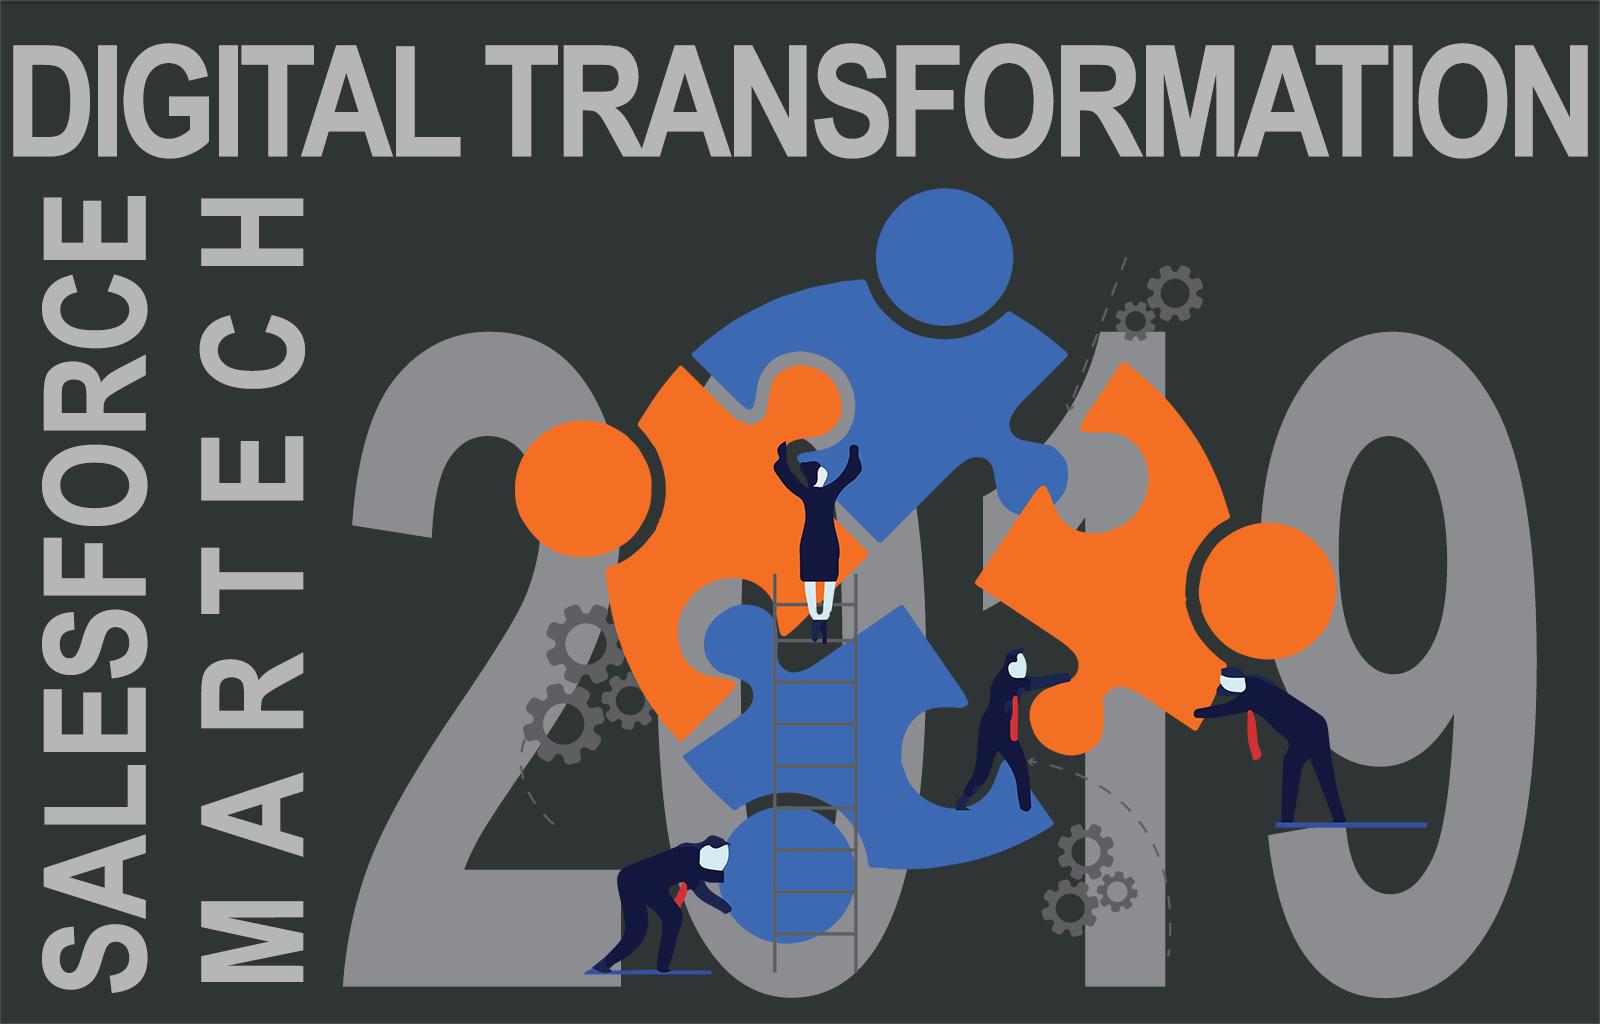 Planning a Digital Transformation: KSA Vision 2030